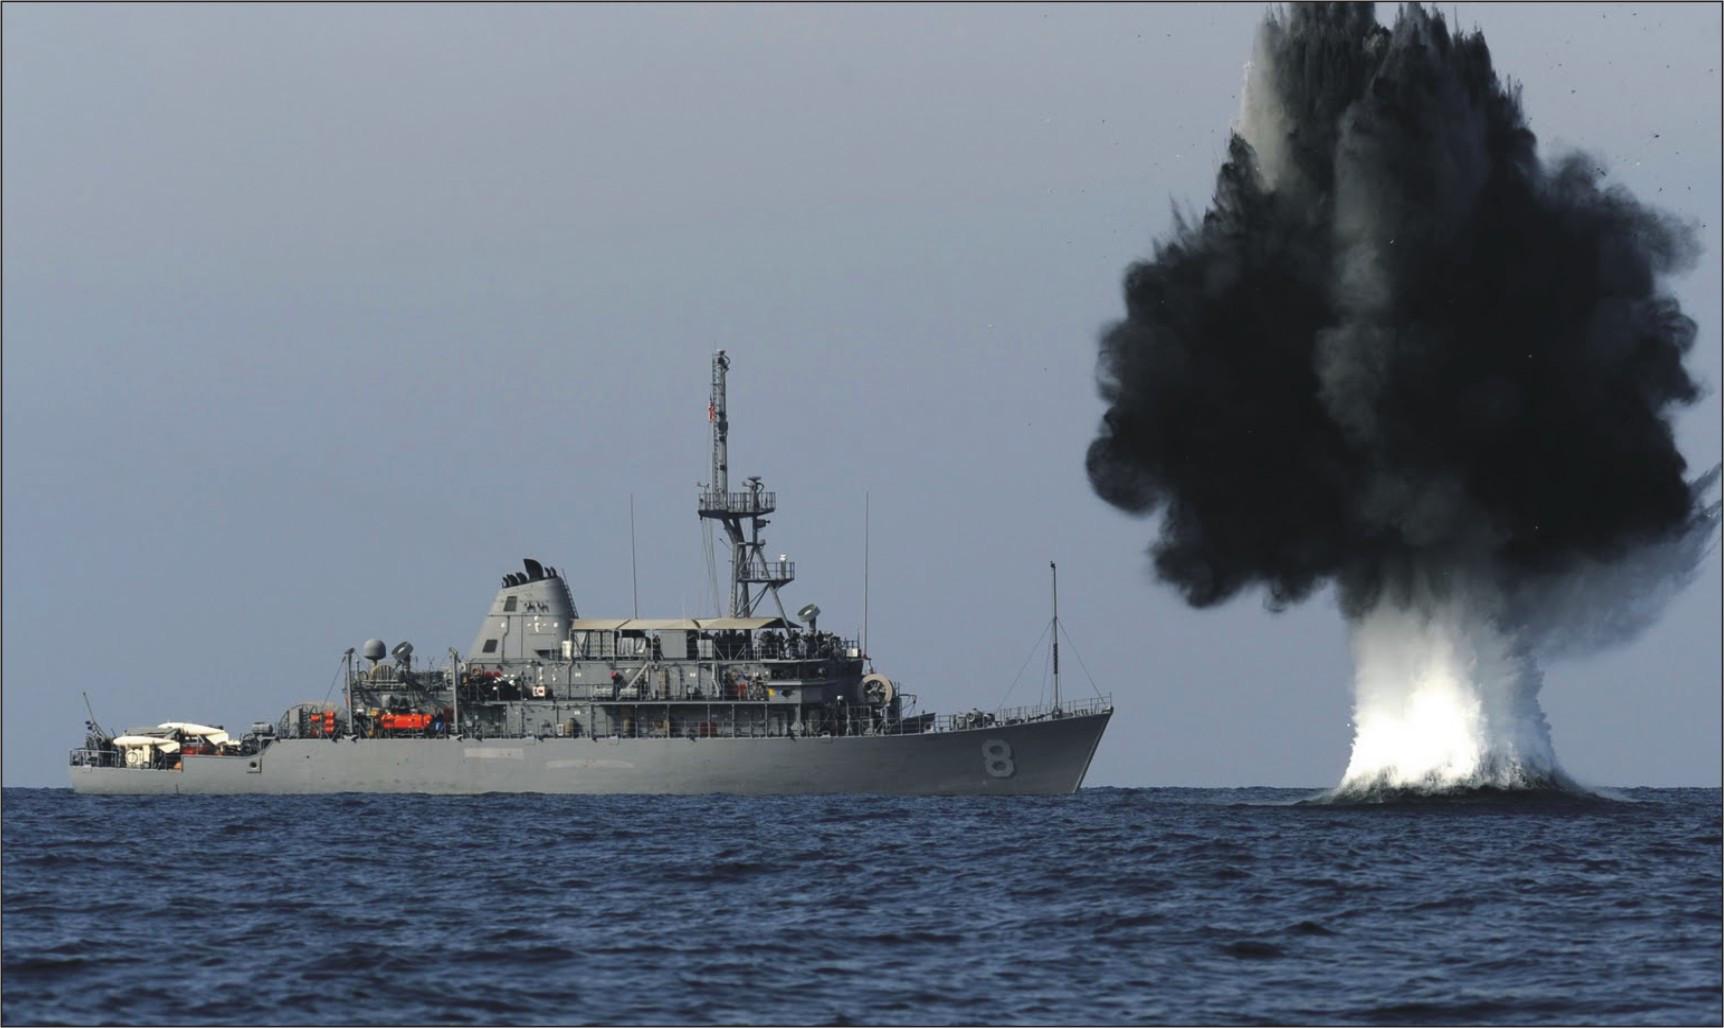 有钱买不到技术 印度50亿美元扫雷舰计划陷入